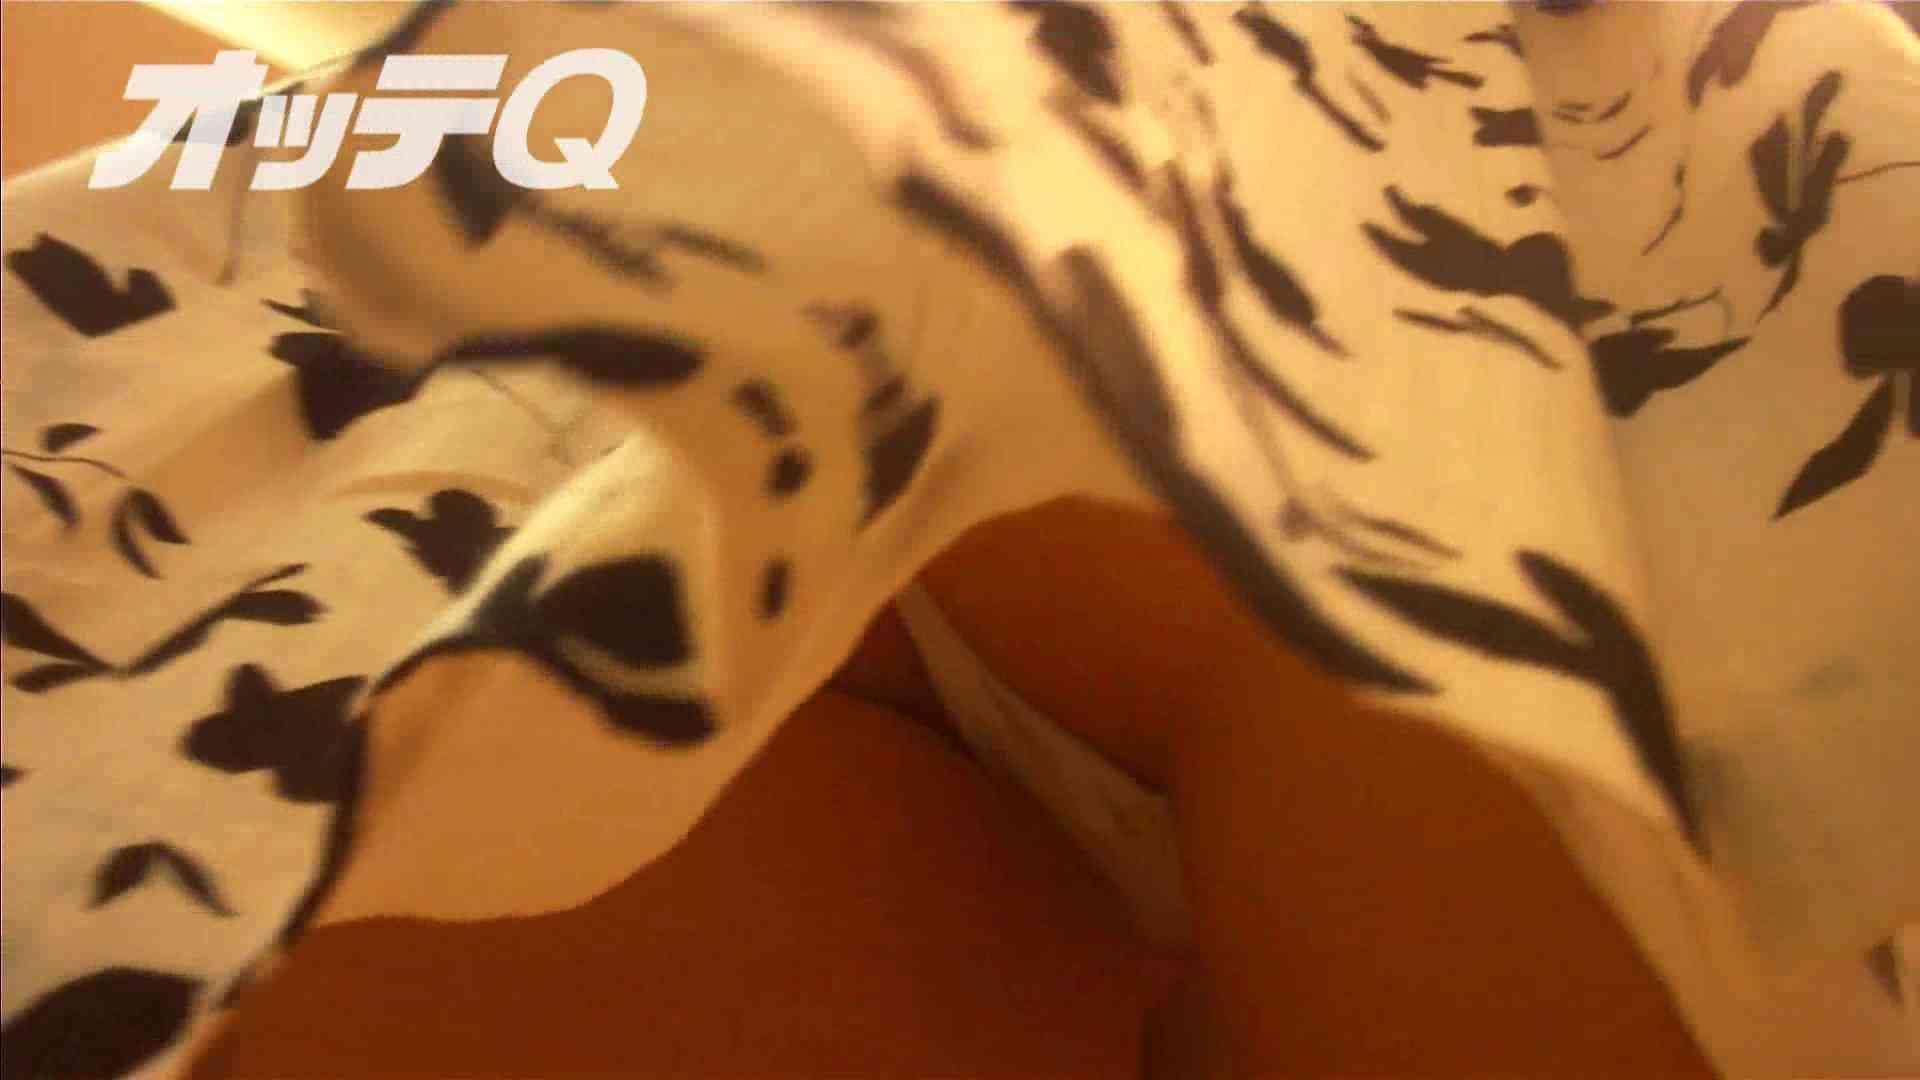 ハイビジョンパンチラ オッテQさんの追跡パンチラデパート編VOL.05 エッチなOL アダルト動画キャプチャ 72pic 57